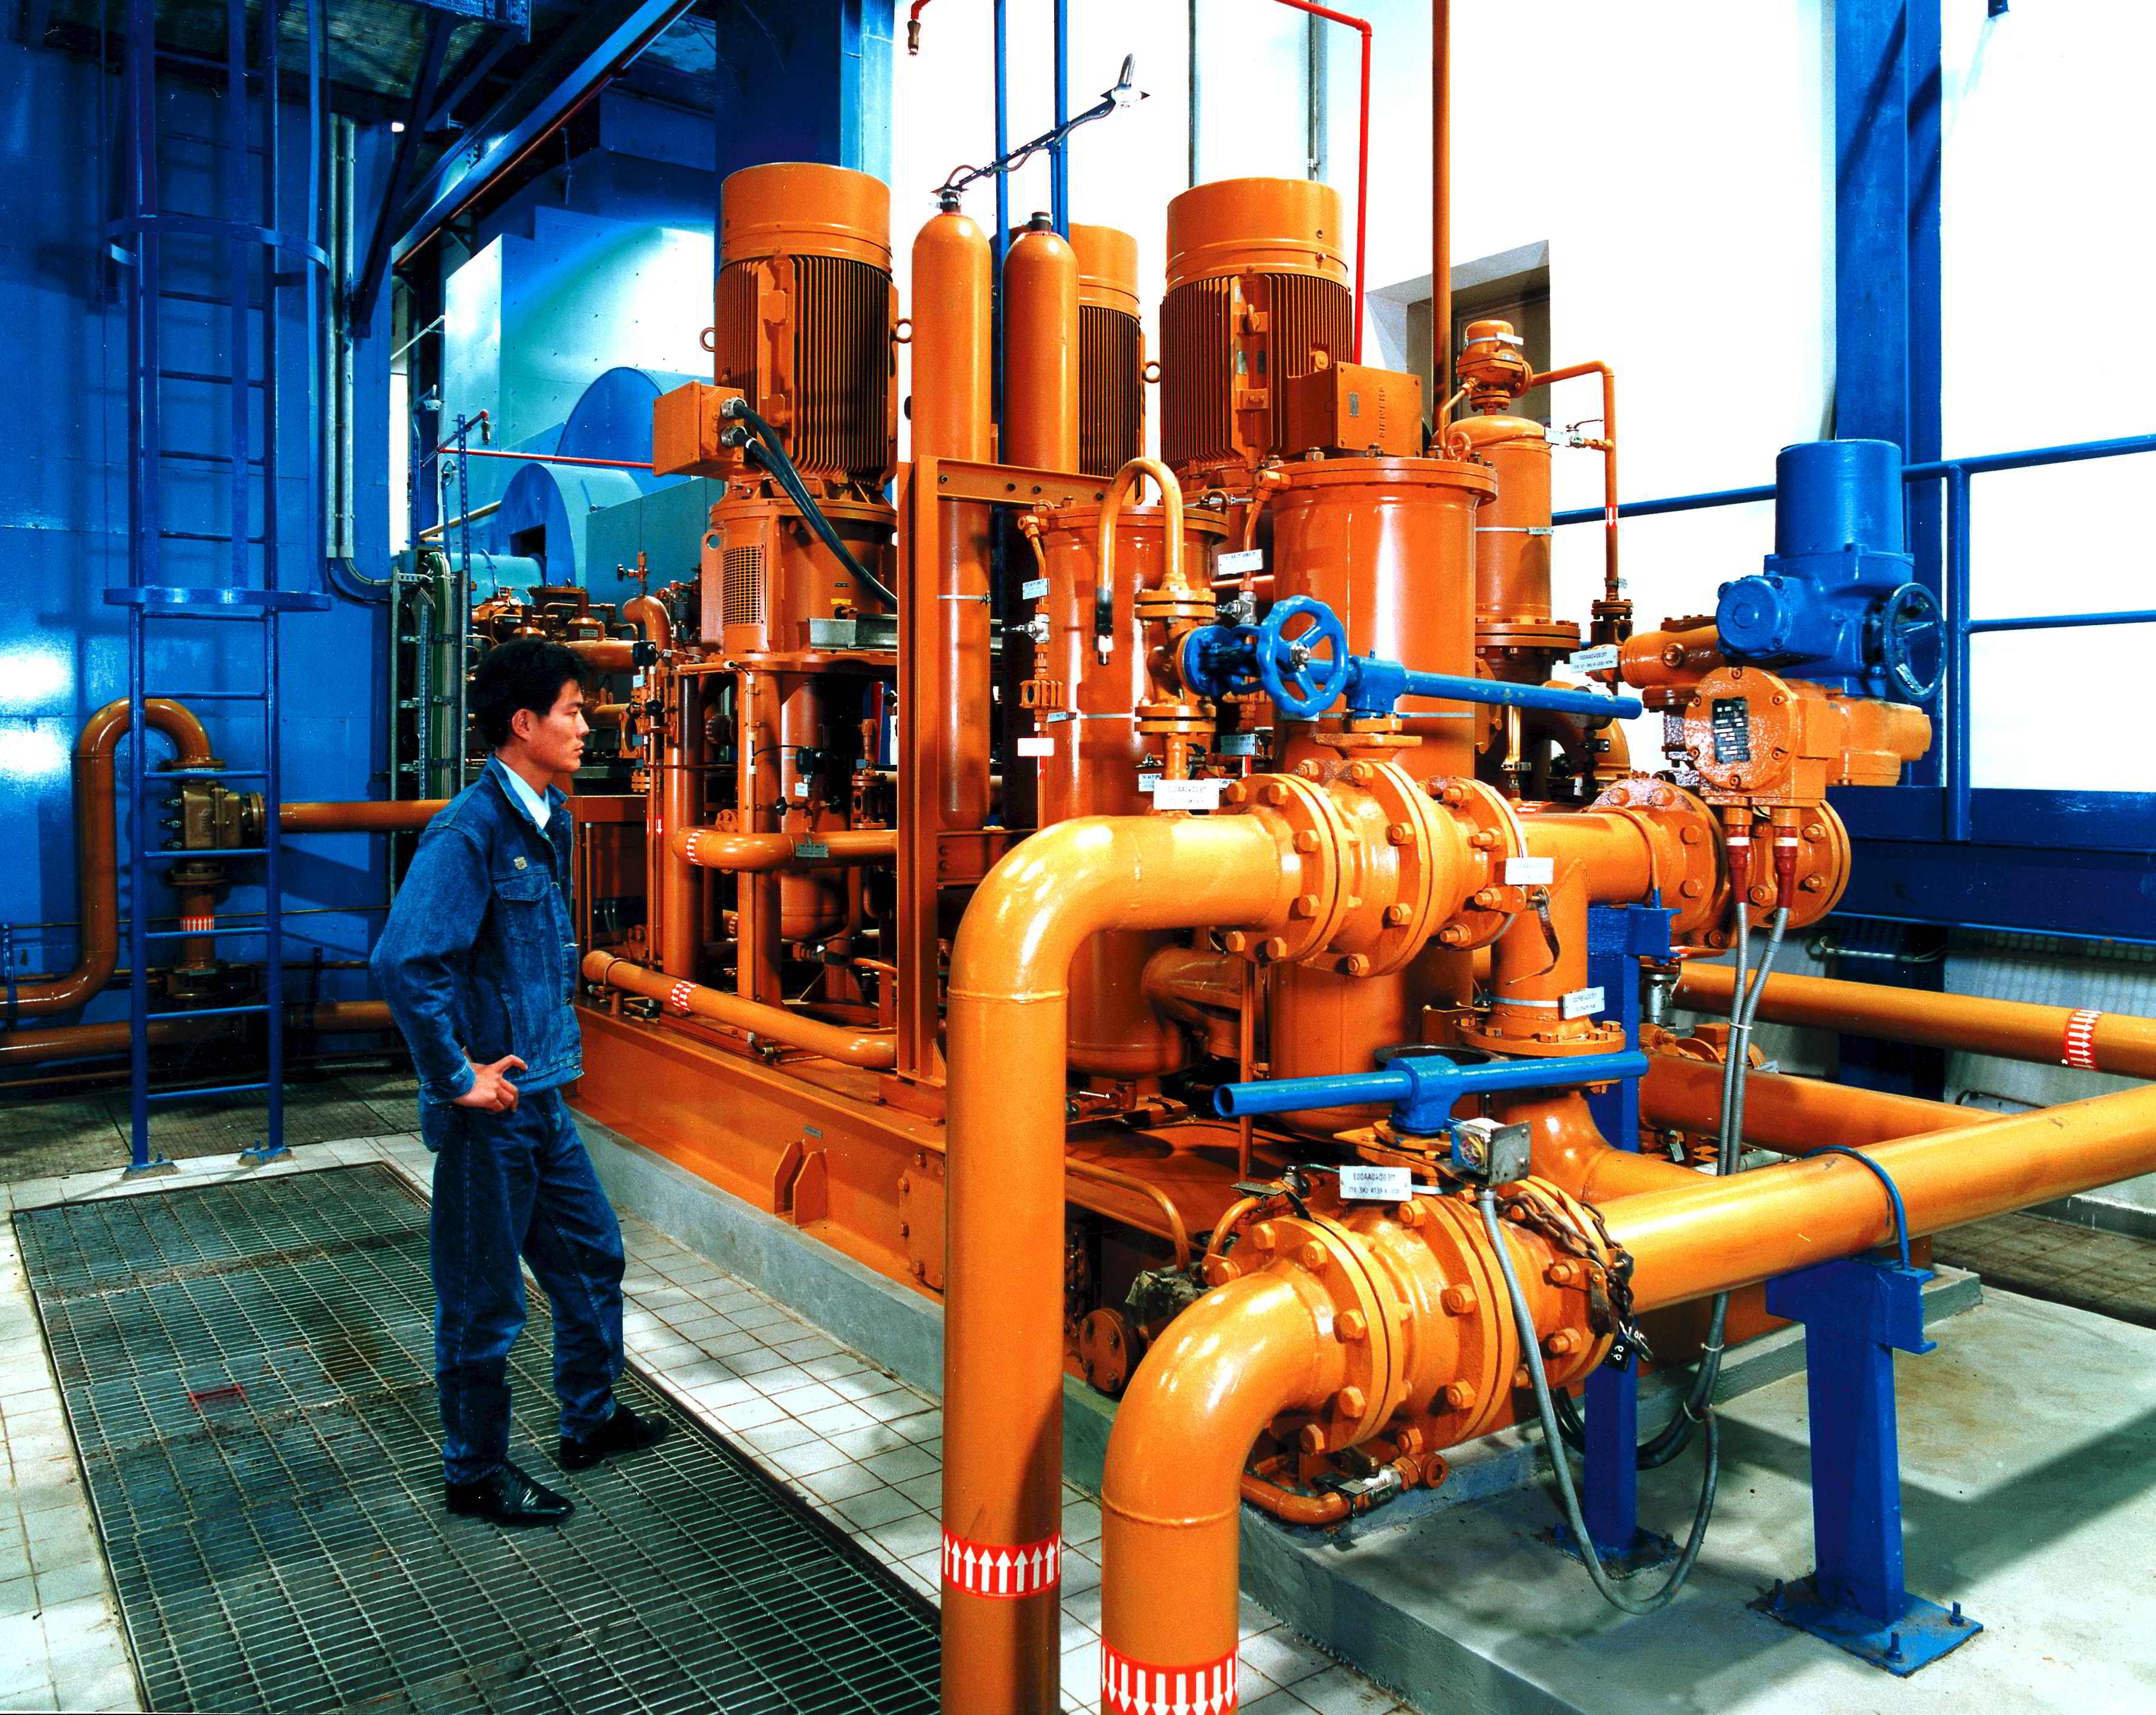 Tubos de gas - F3F